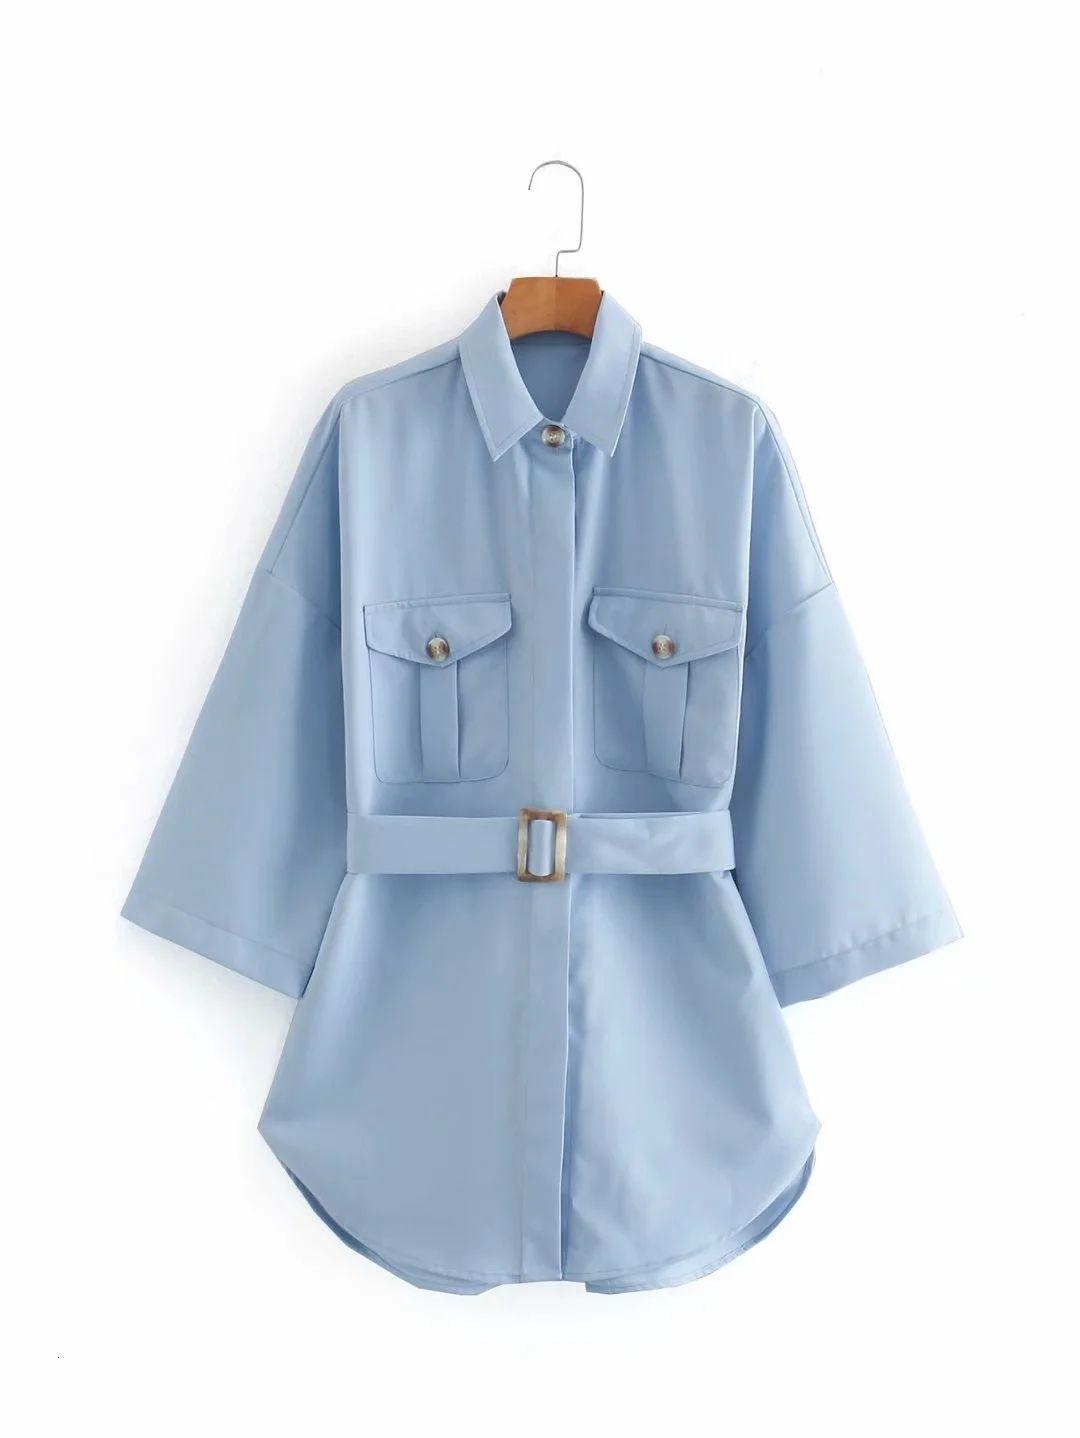 2020 azul manga comprida sexy mulheres blusas camisas outono outono nova moda feminina slim azul cinto cinto